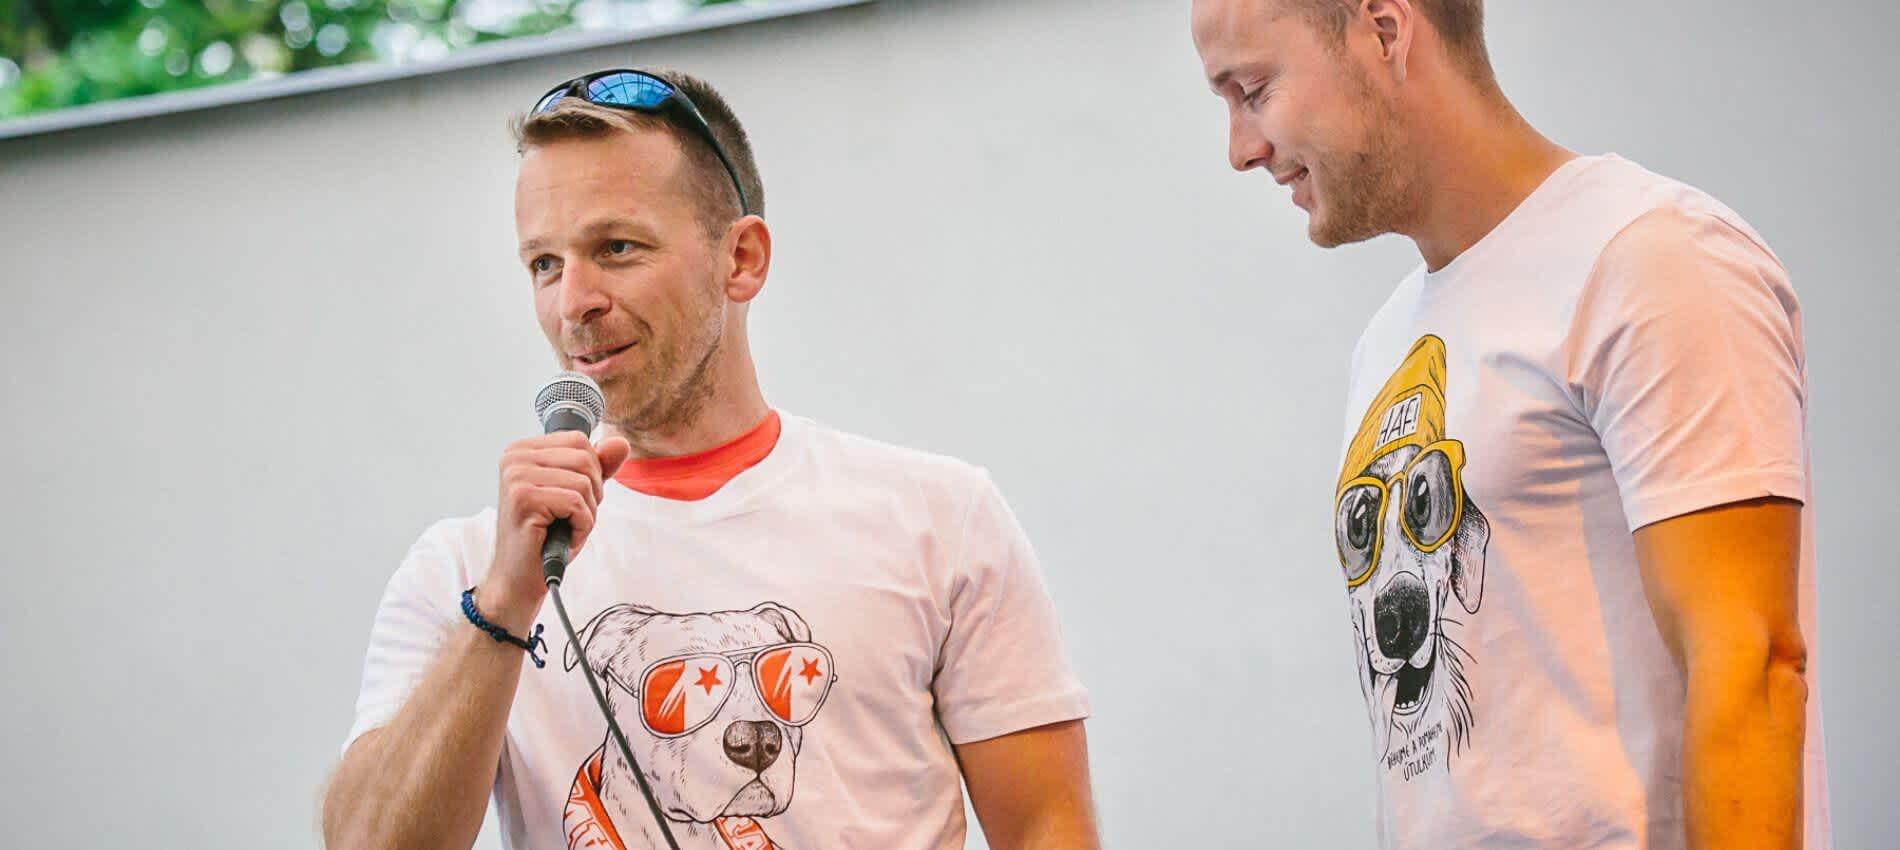 Běh pro útulky Petr Sokolík